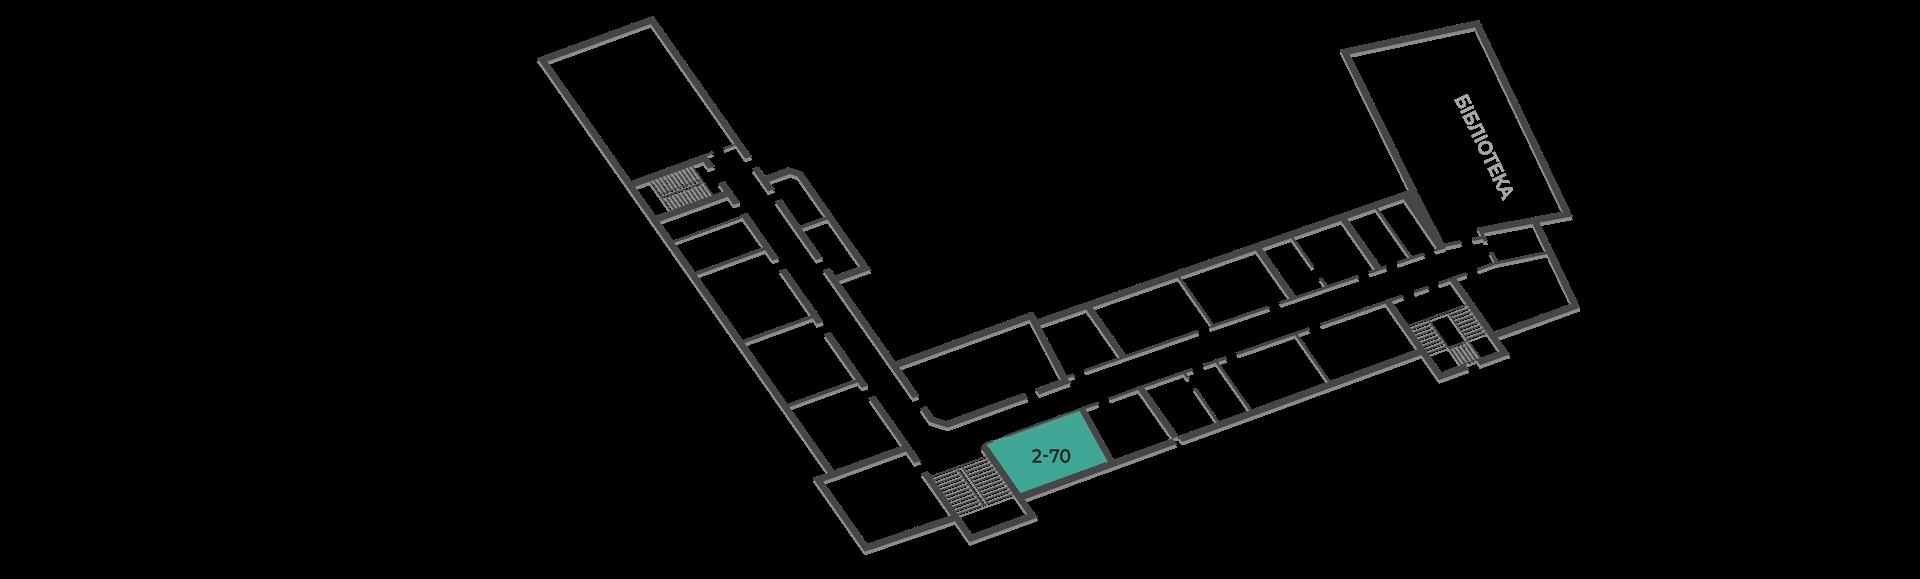 розміщення аудиторій кафедри будівельної механіки  корпус тнту №2, третій поверх